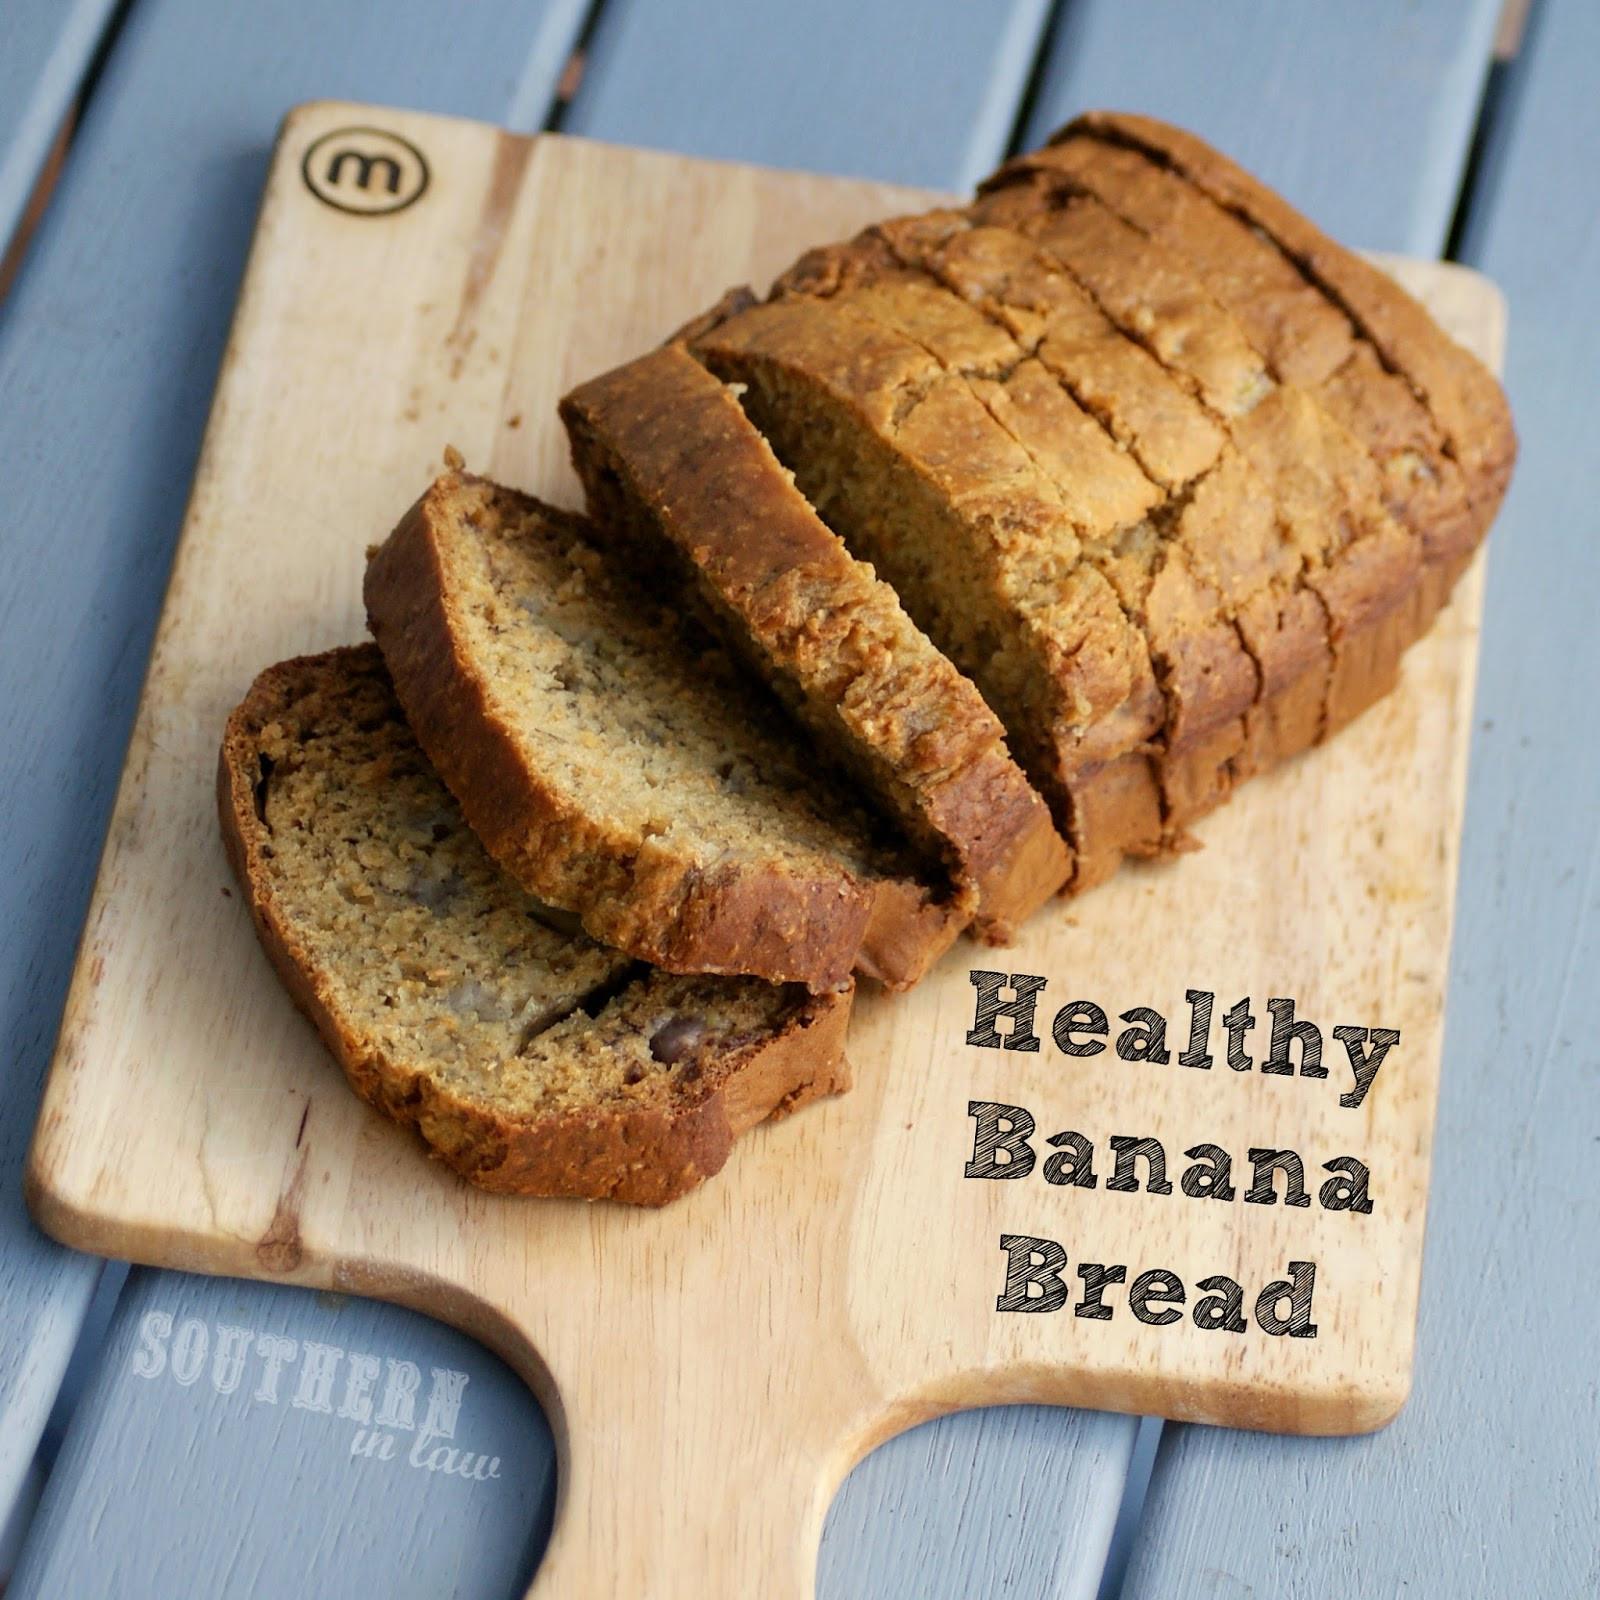 Healthy Bread Recipes  Southern In Law Recipe Healthy Banana Bread